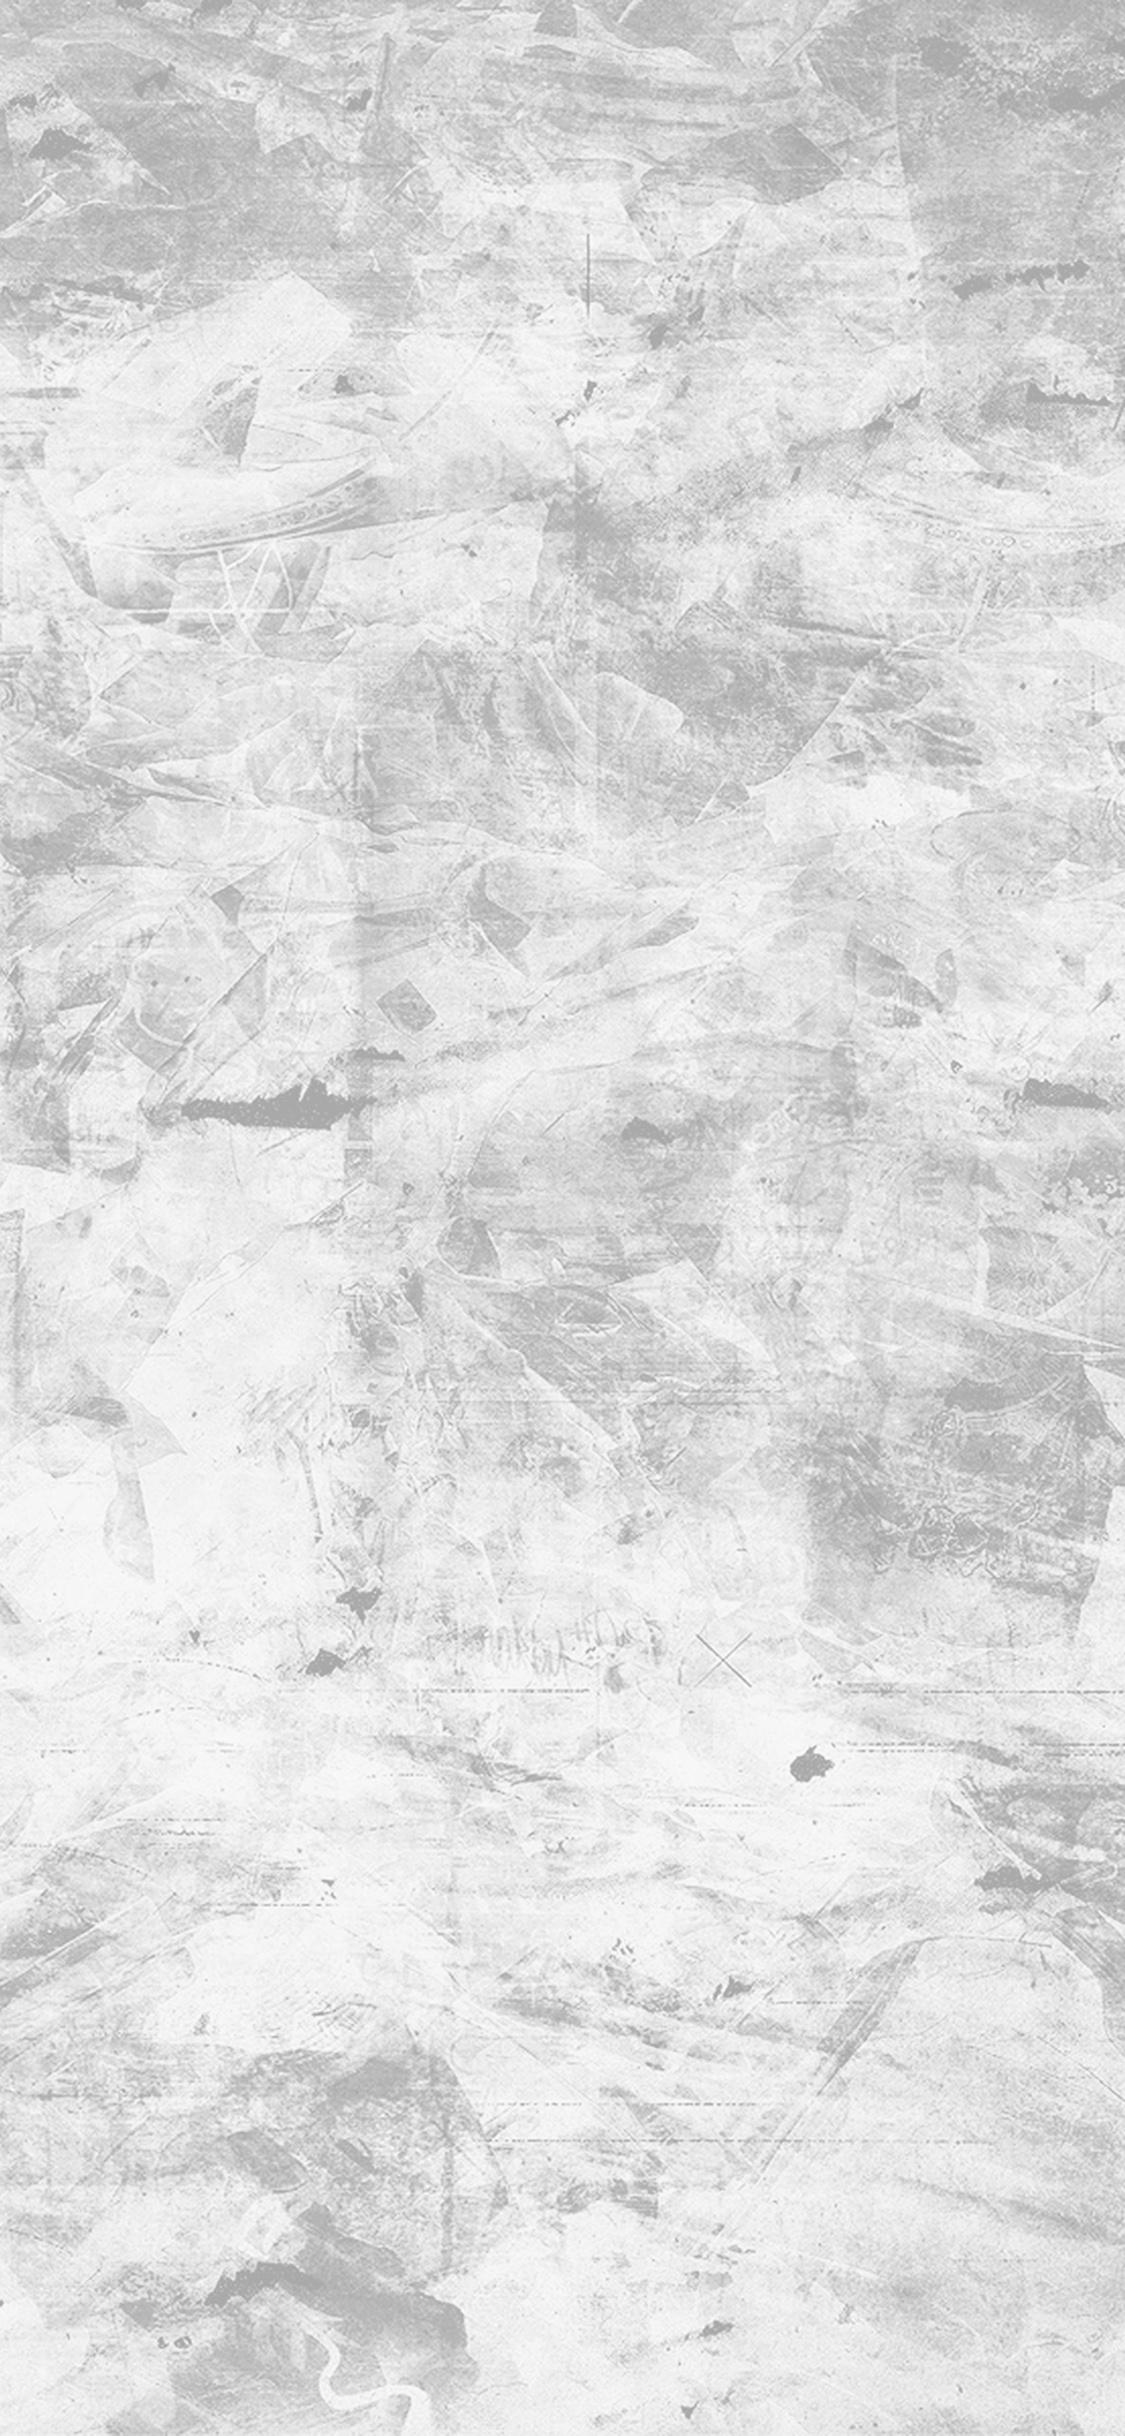 Iphonexpapers Al32 Wonder Lust Art Illust Grunge Abstract